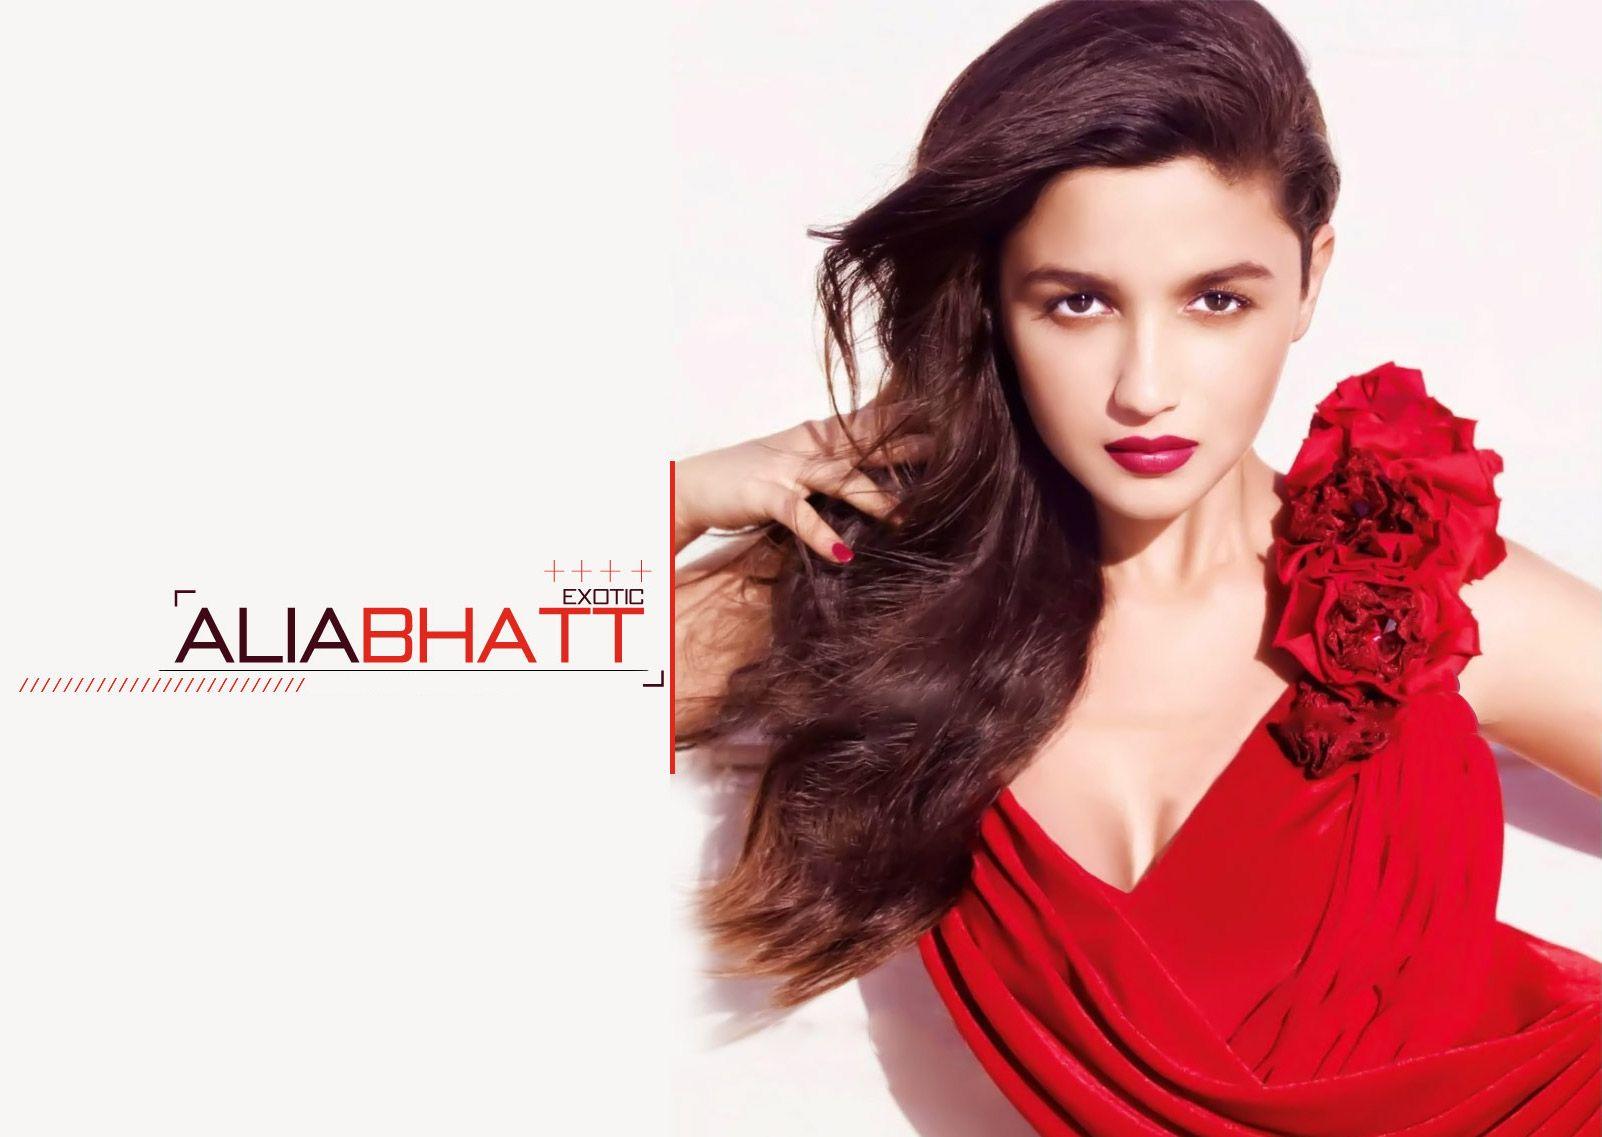 Pin on Aliaa Bhatt...